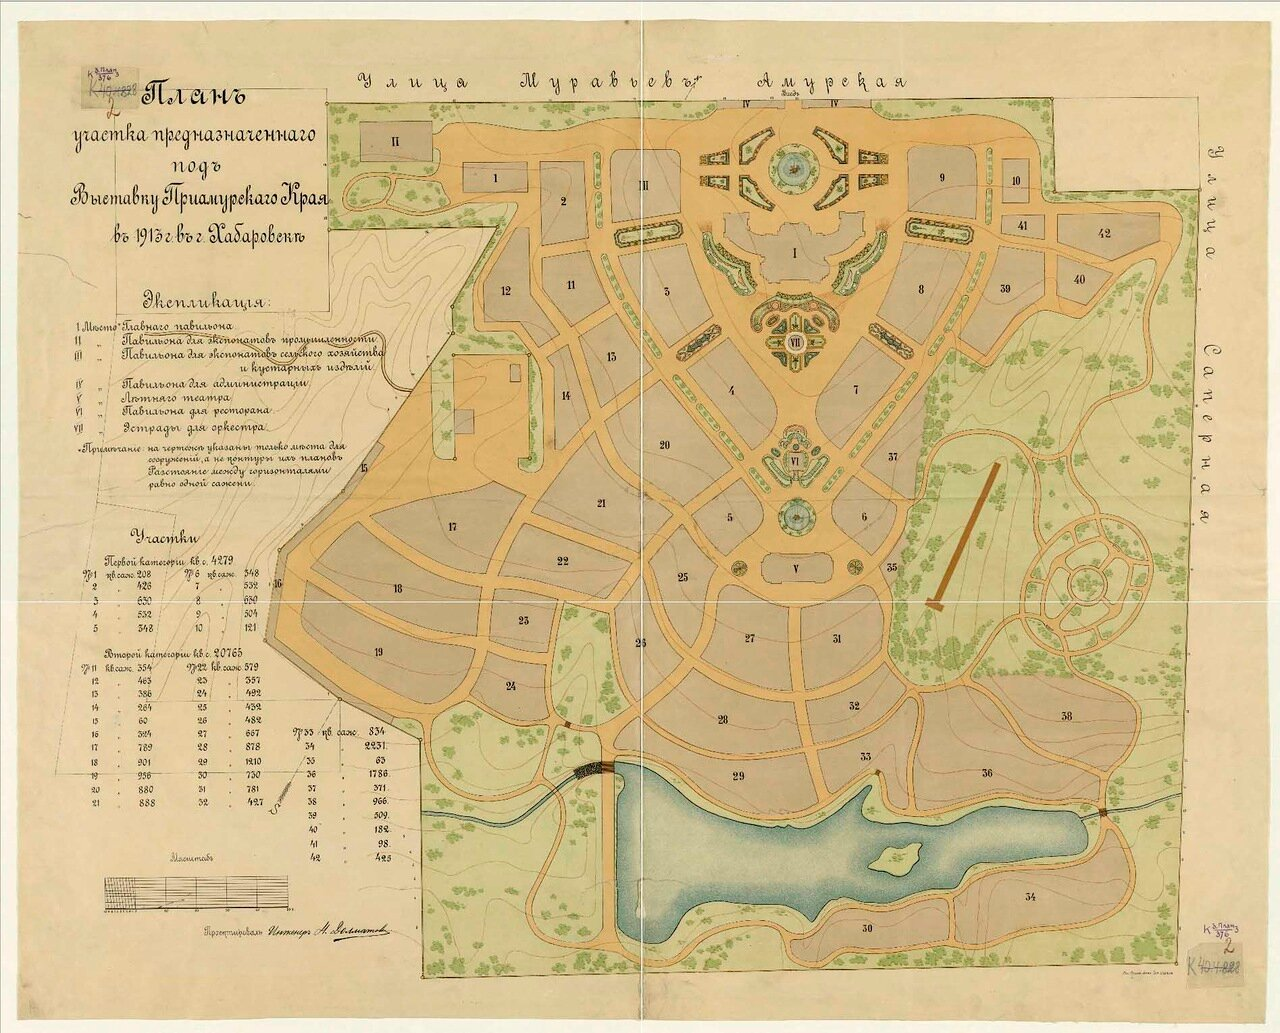 1913. План участка предназначенного для выставки в Хабаровске